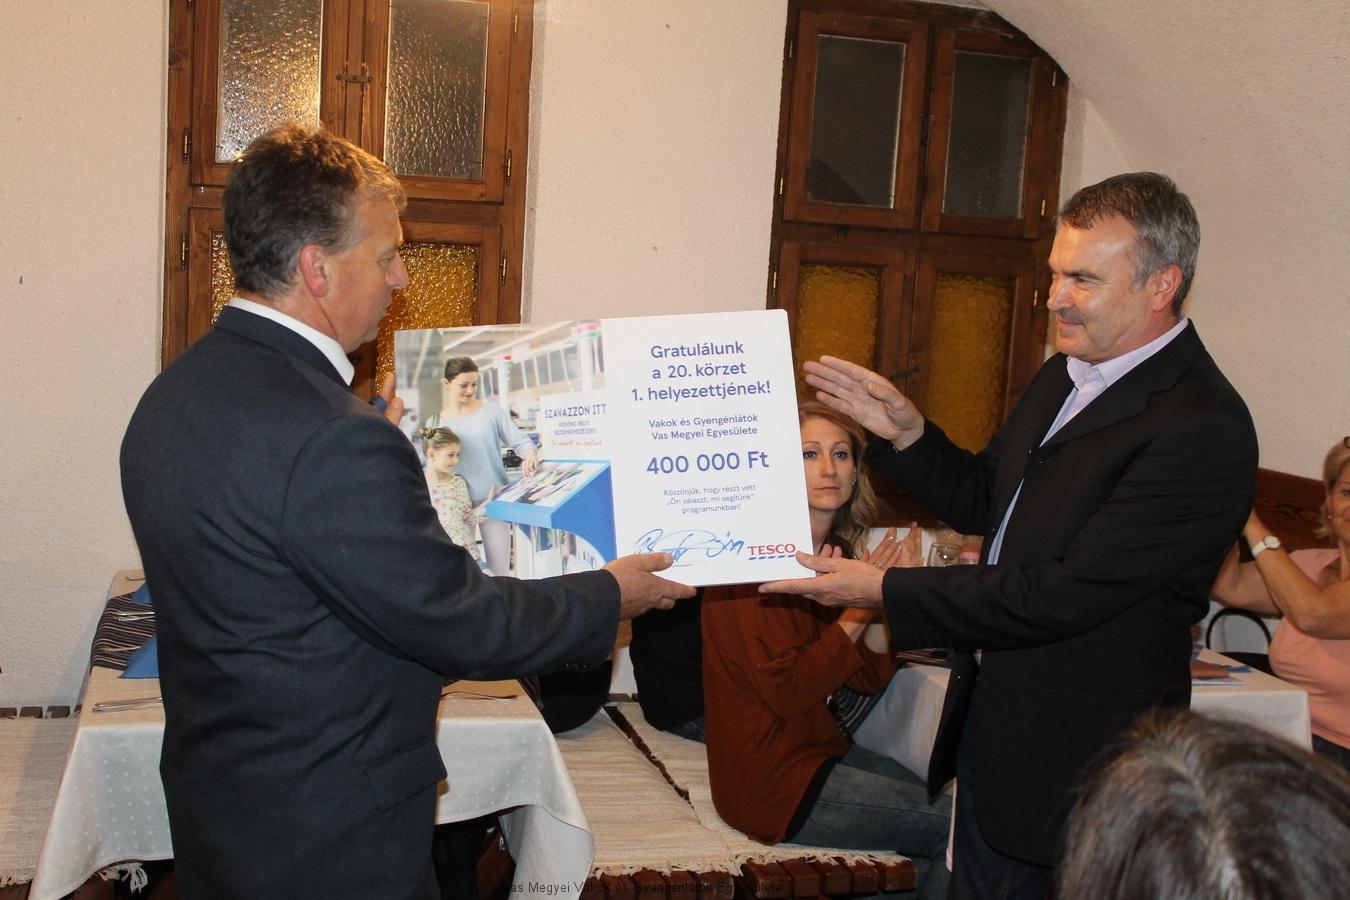 Boda István a Tesco igazgatója átadta Bősze György elnök úrnak a virtuális csekket, amely 400 000 ft-ról szól.